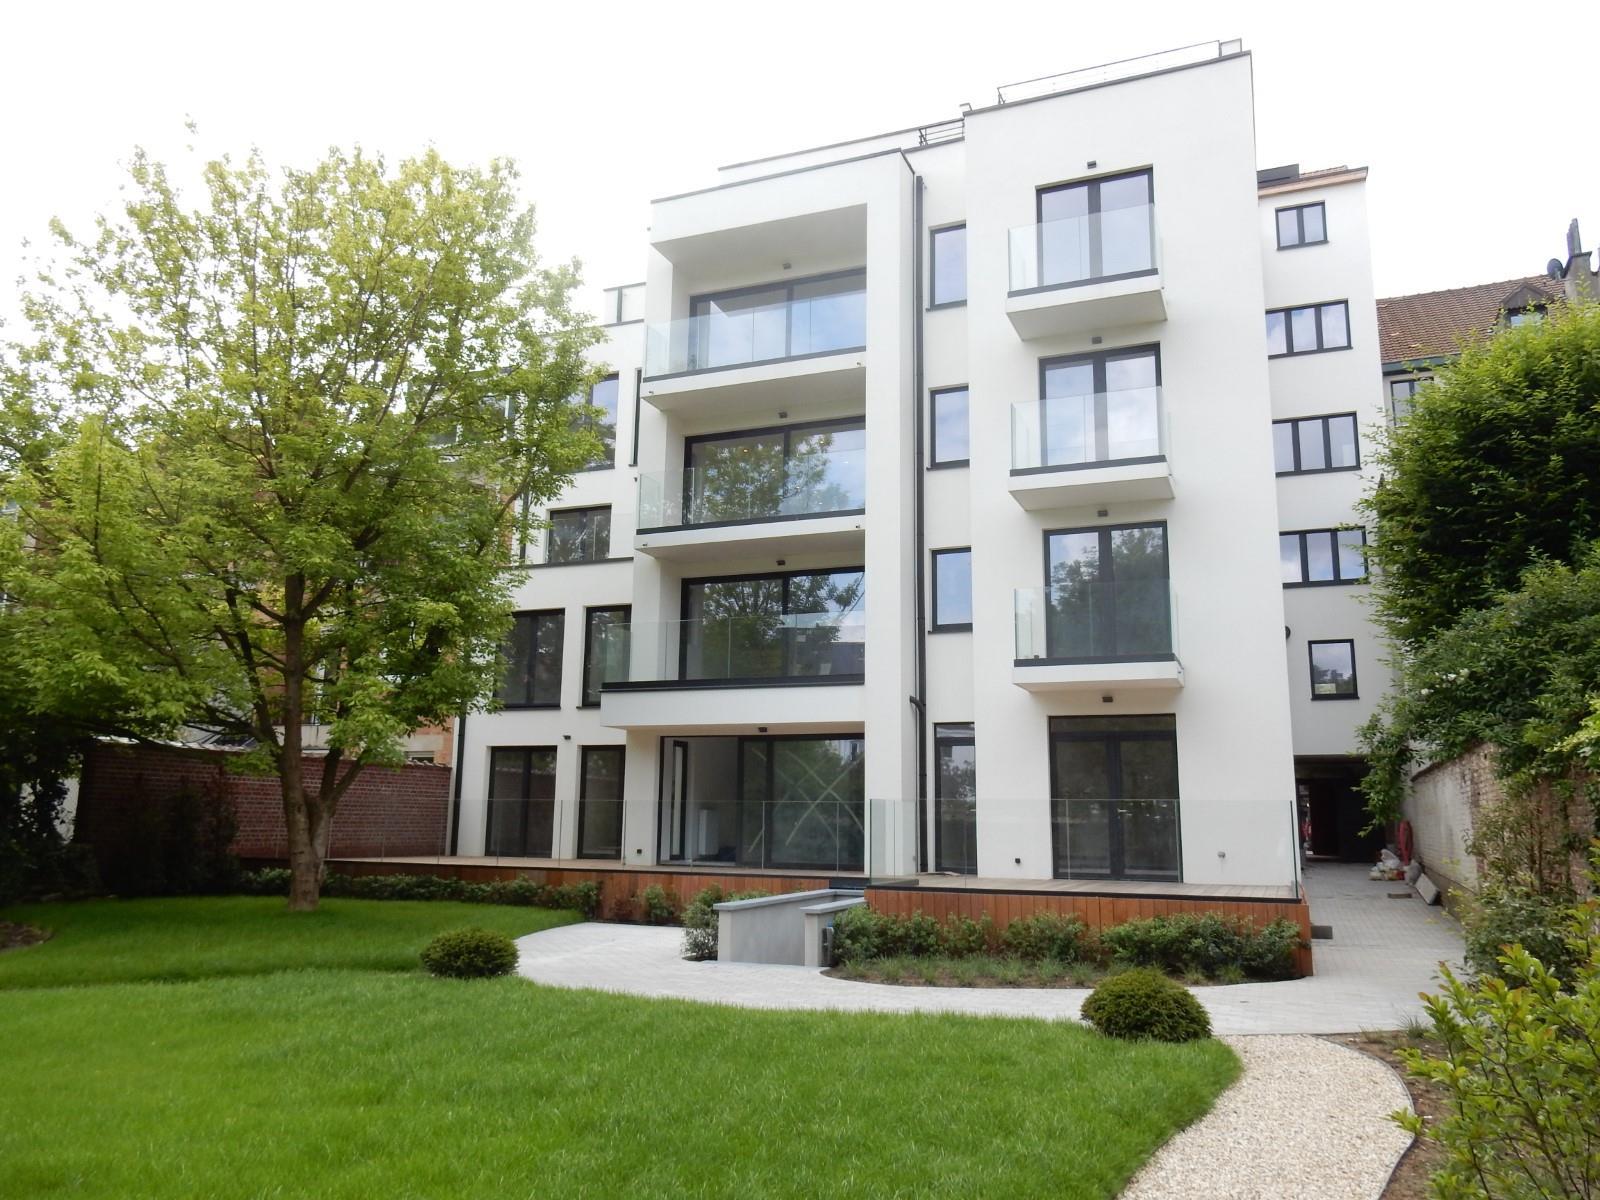 Appartement exceptionnel - Ixelles - #3918748-19